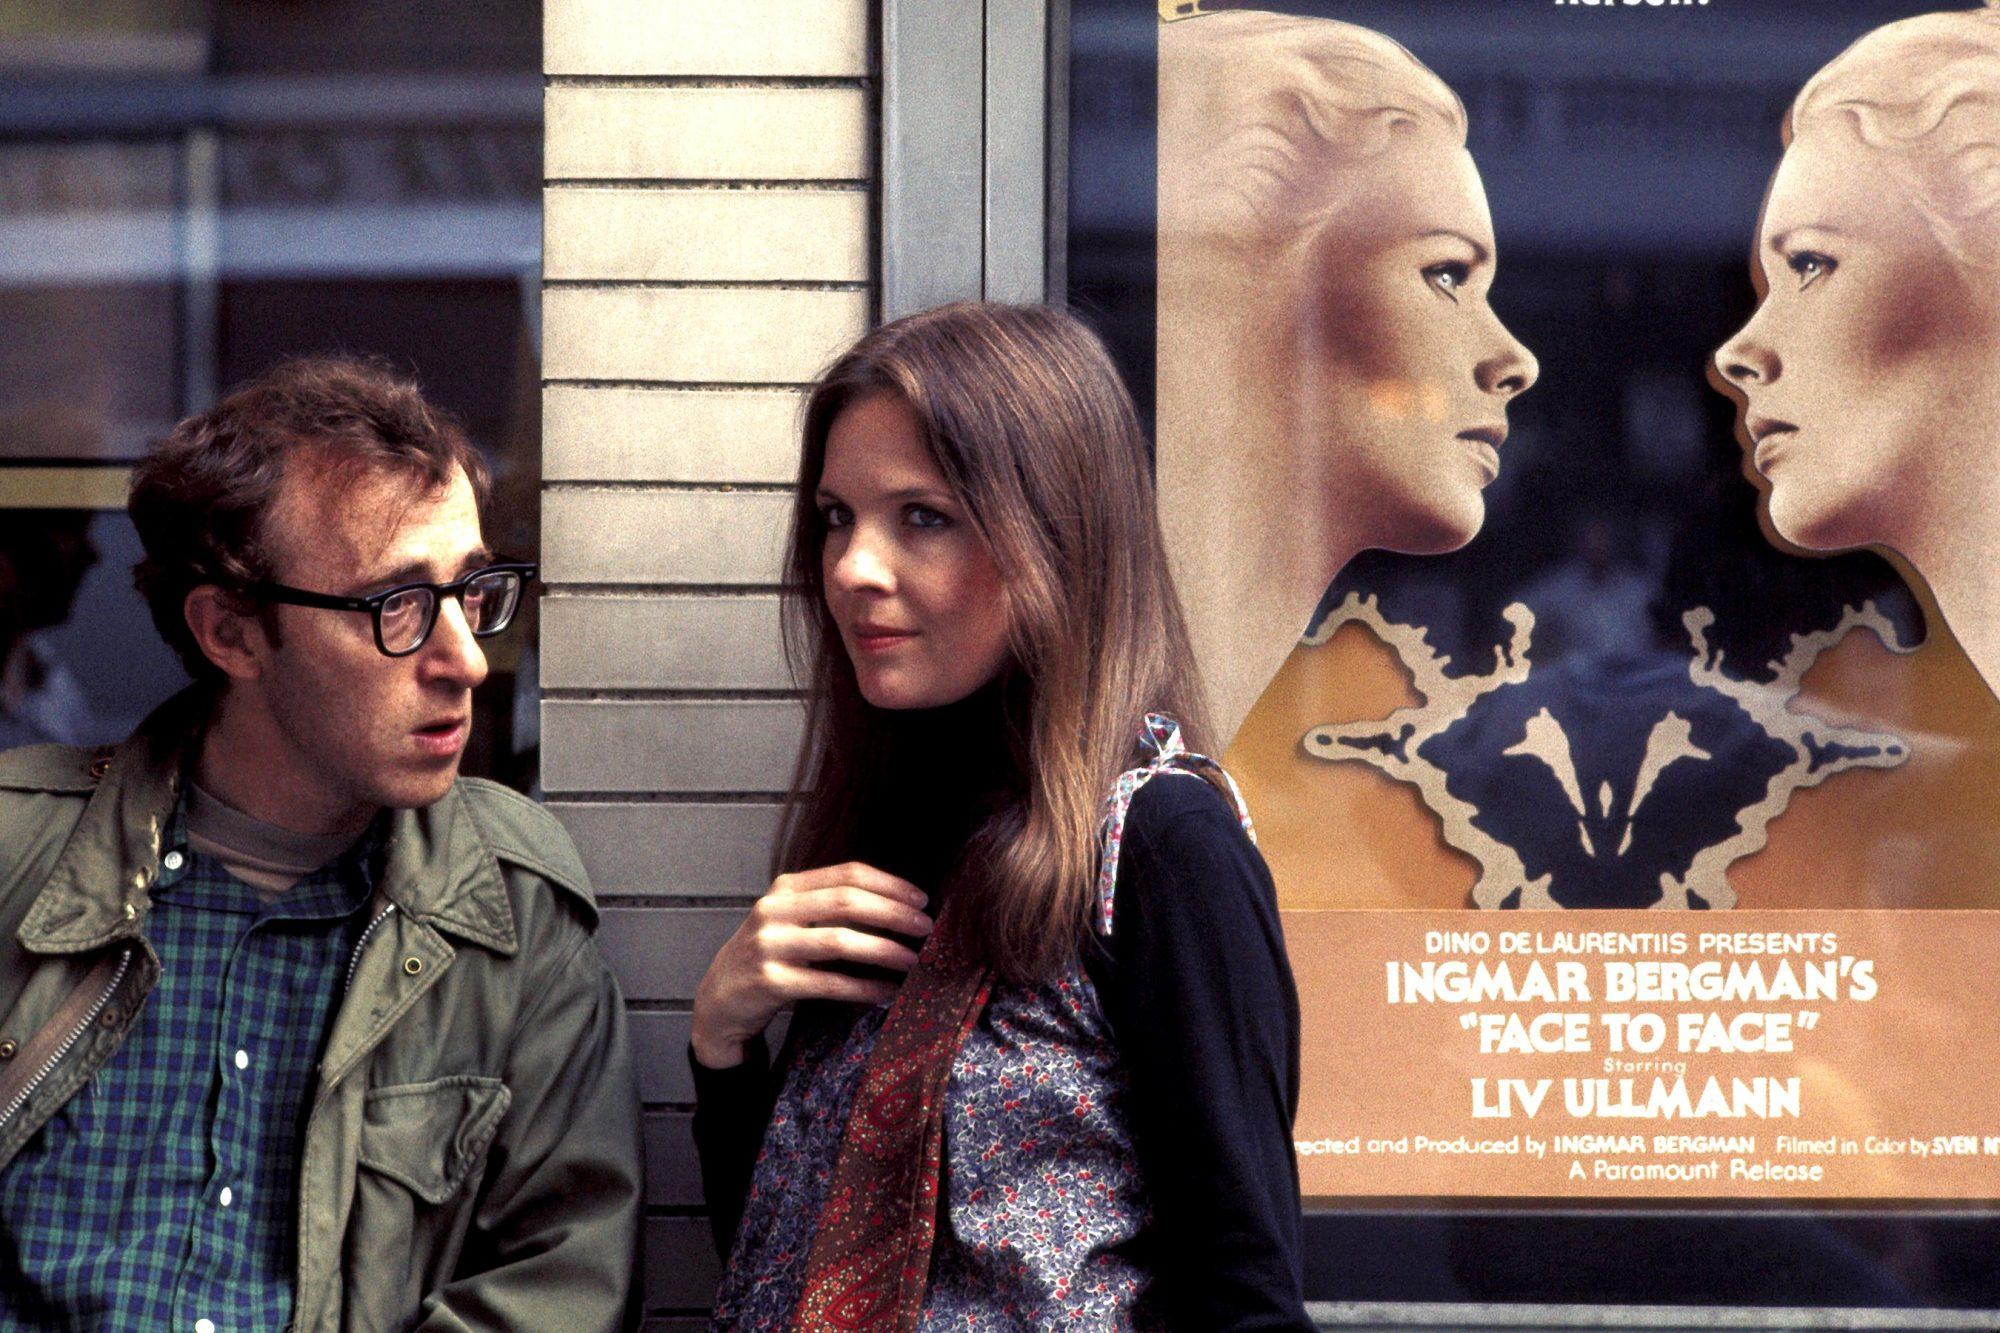 ANNIE HALL, Woody Allen, Diane Keaton, Liv Ullmann (on poster), 1977